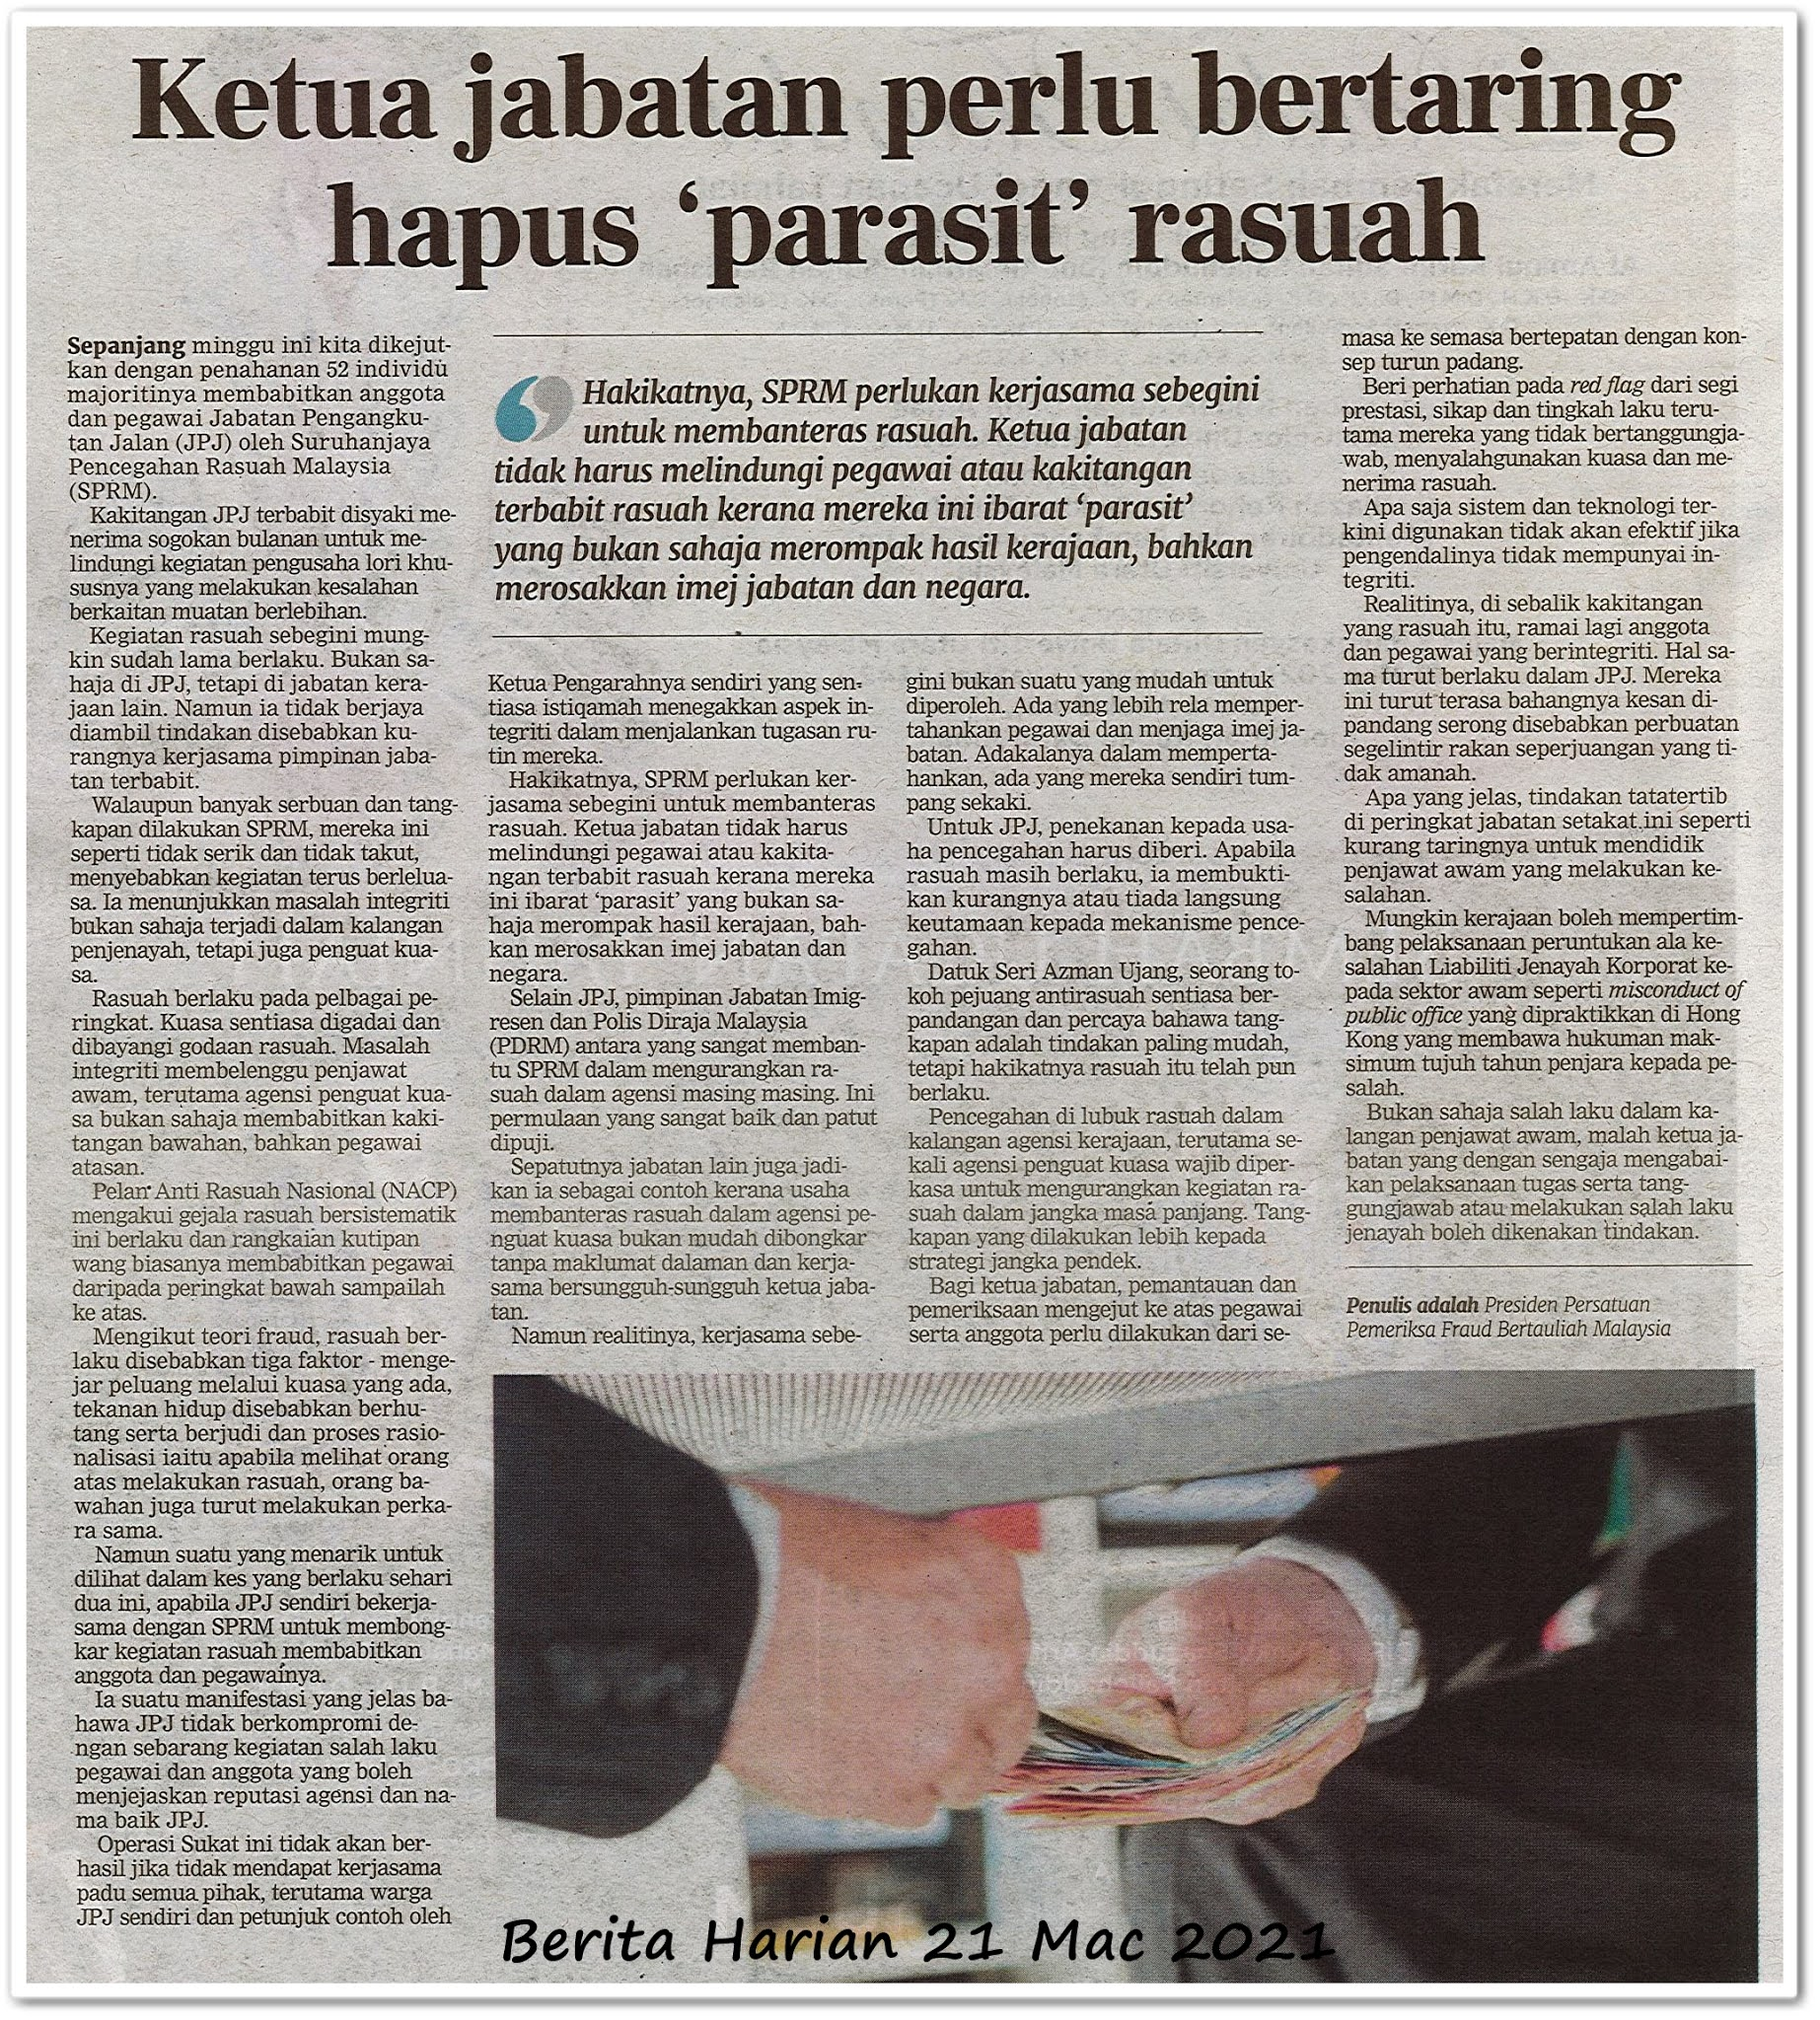 Ketua jabatan perlu bertaring hapus 'parasit' rasuah - Keratan akhbar Berita Harian 21 Mac 2021